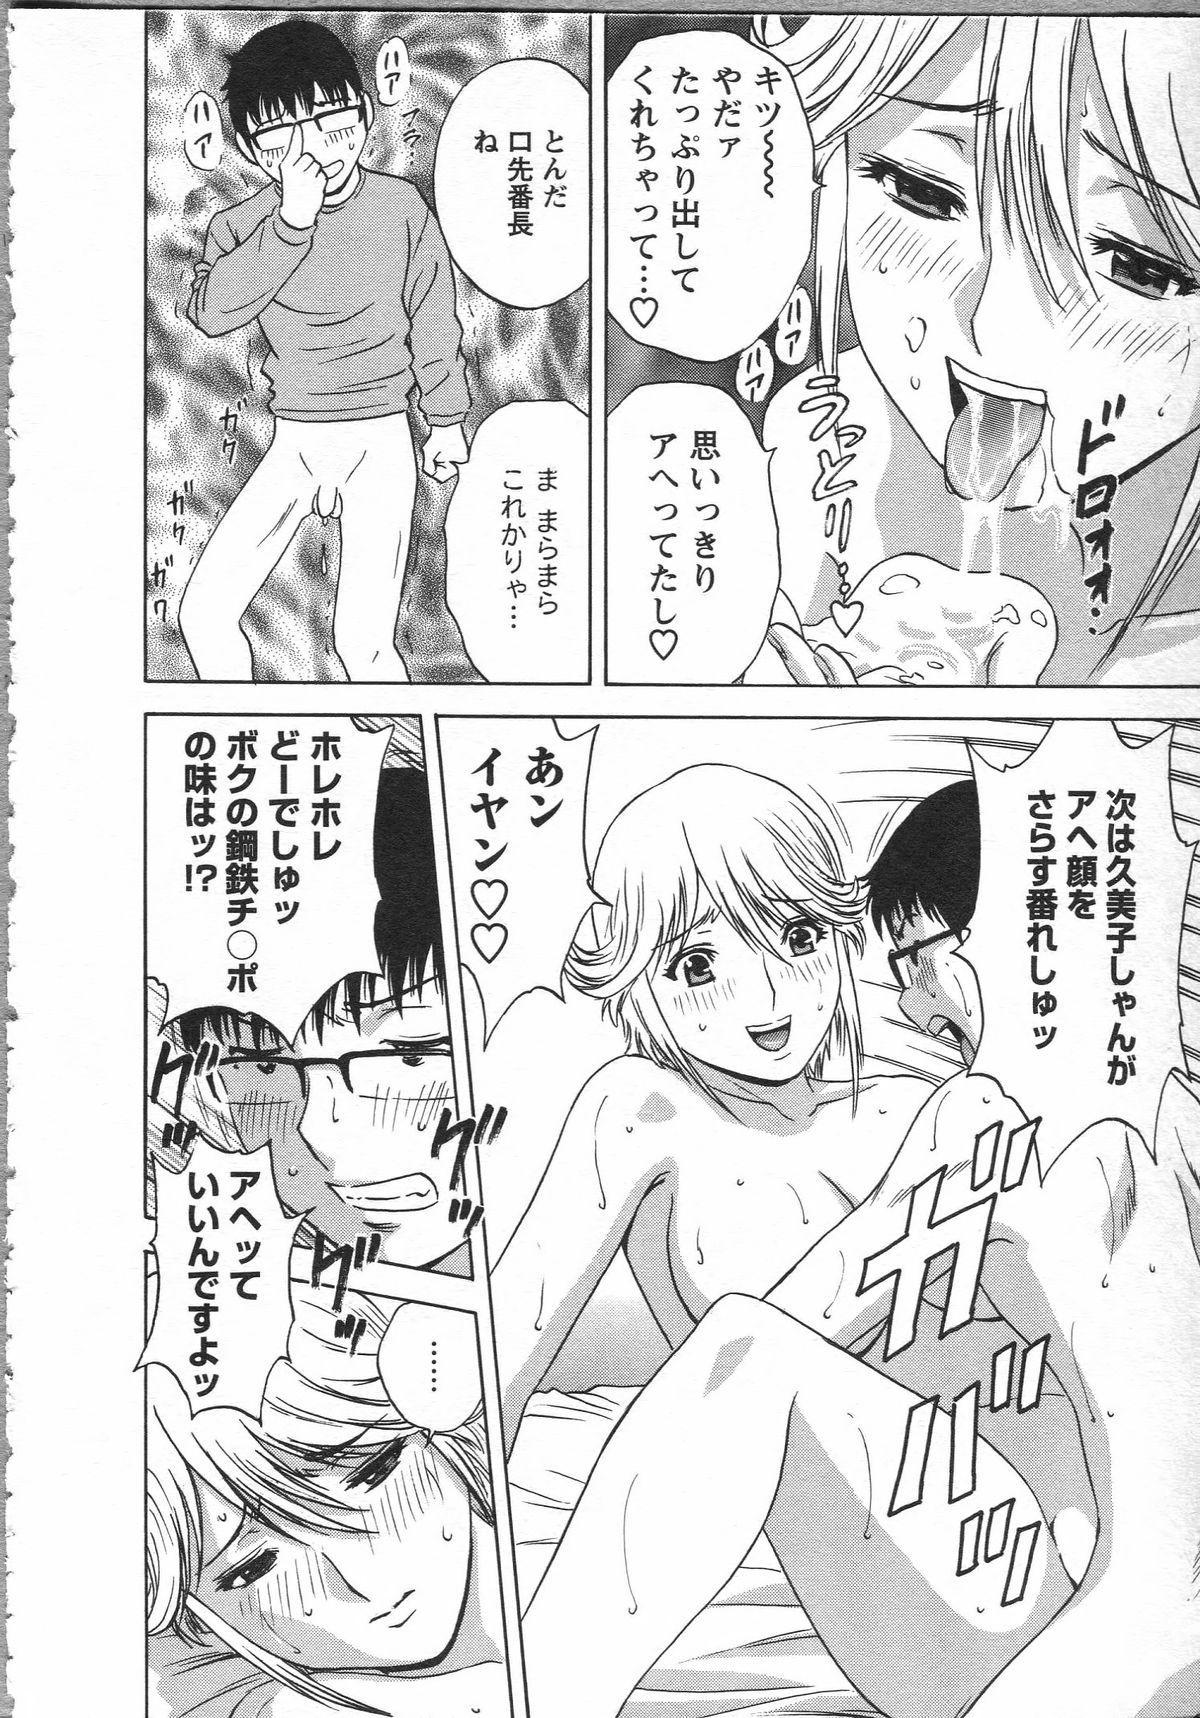 Manga no youna Hitozuma to no Hibi - Days with Married Women such as Comics. 35